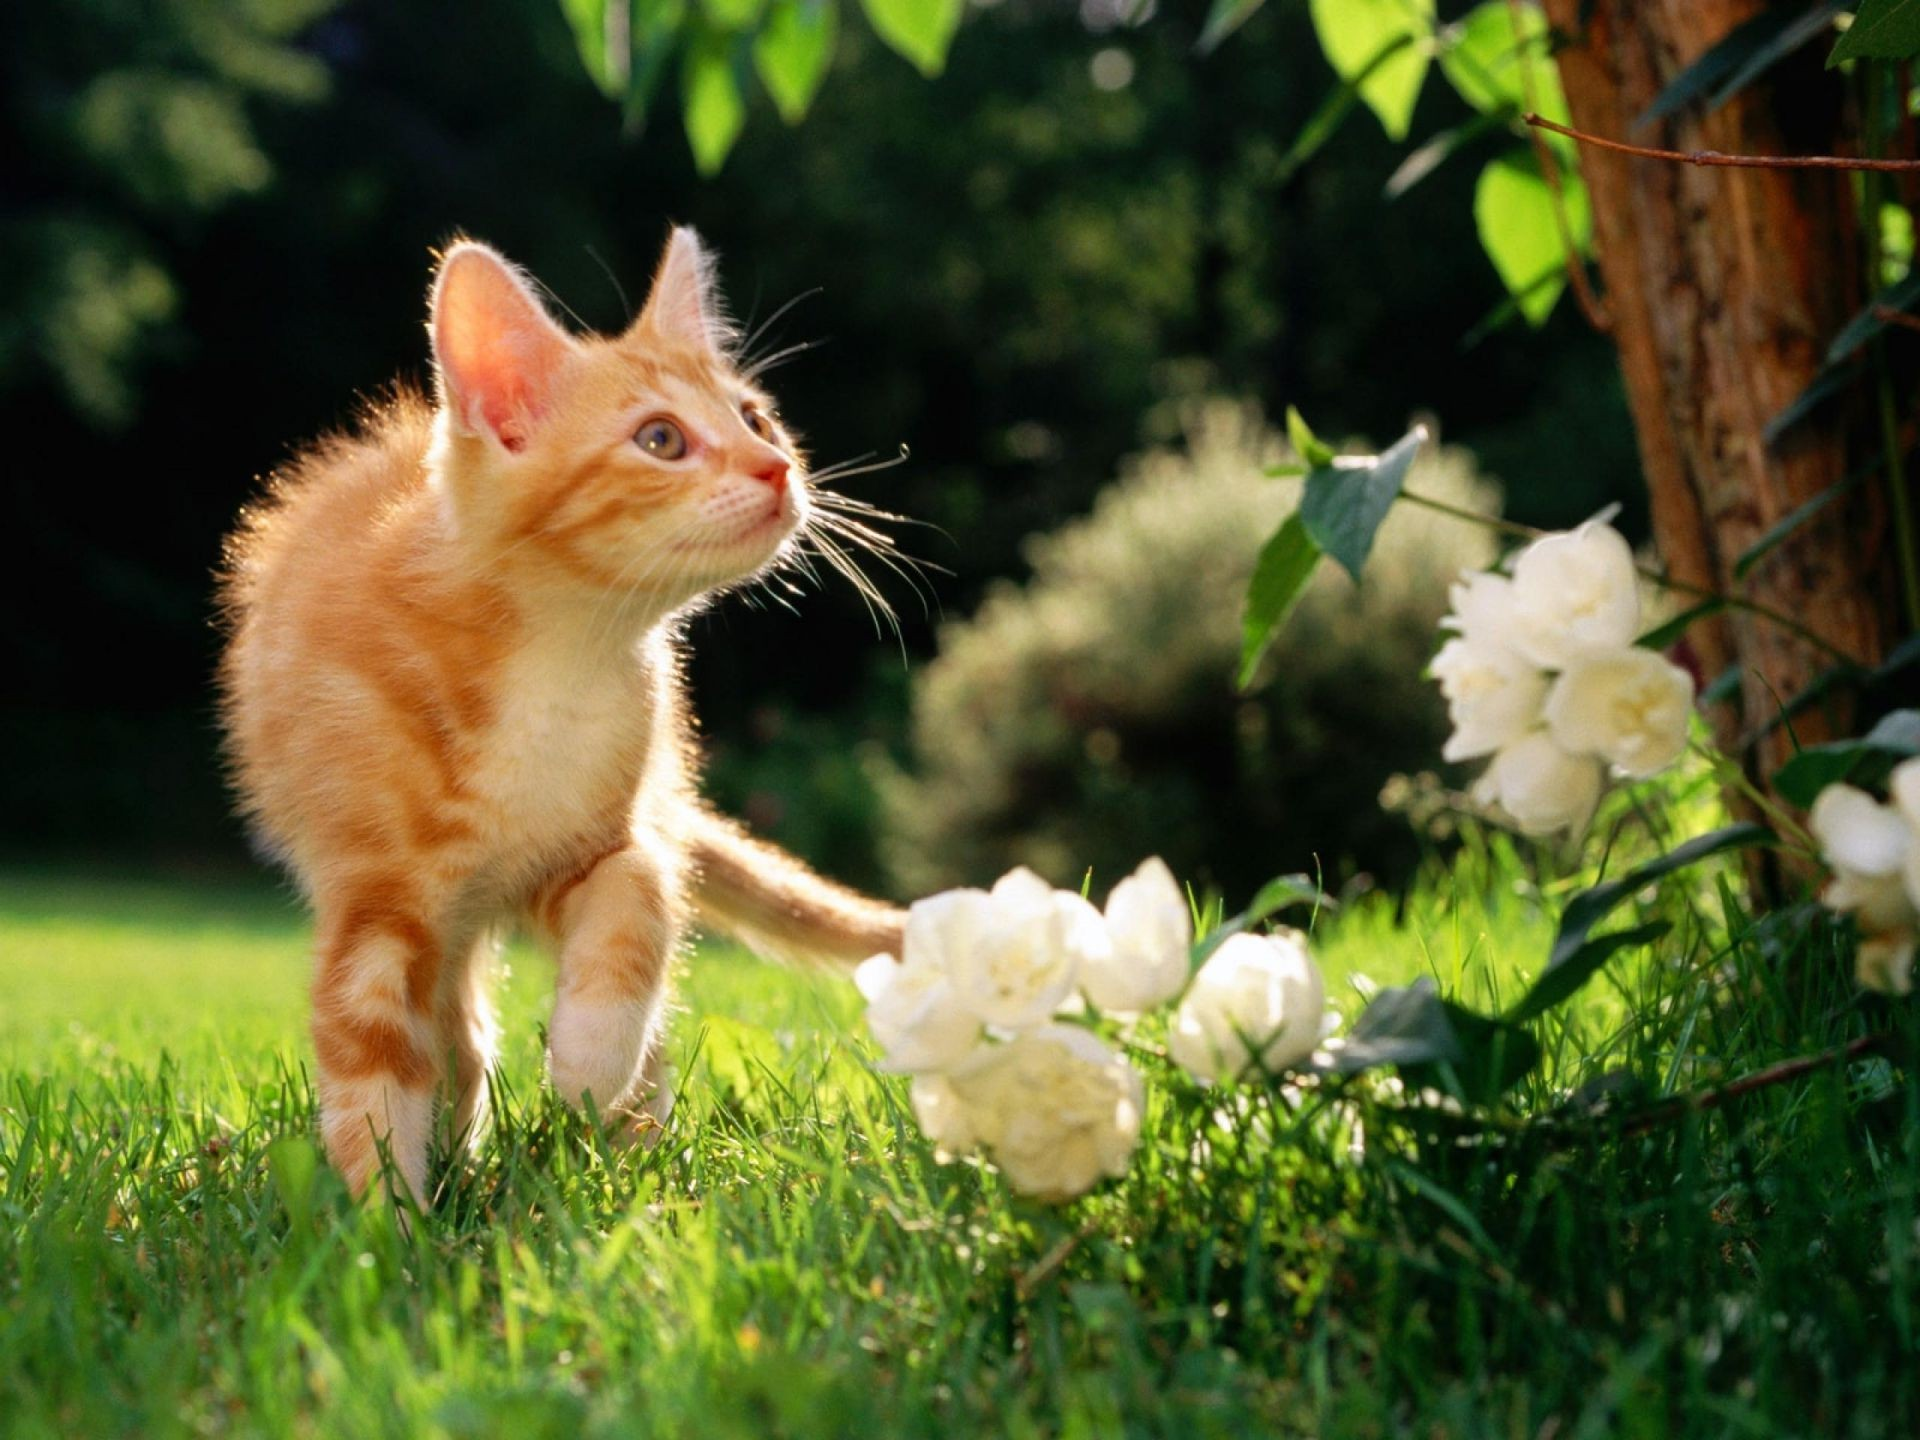 Котенок в мелкой траве  № 2953998 загрузить